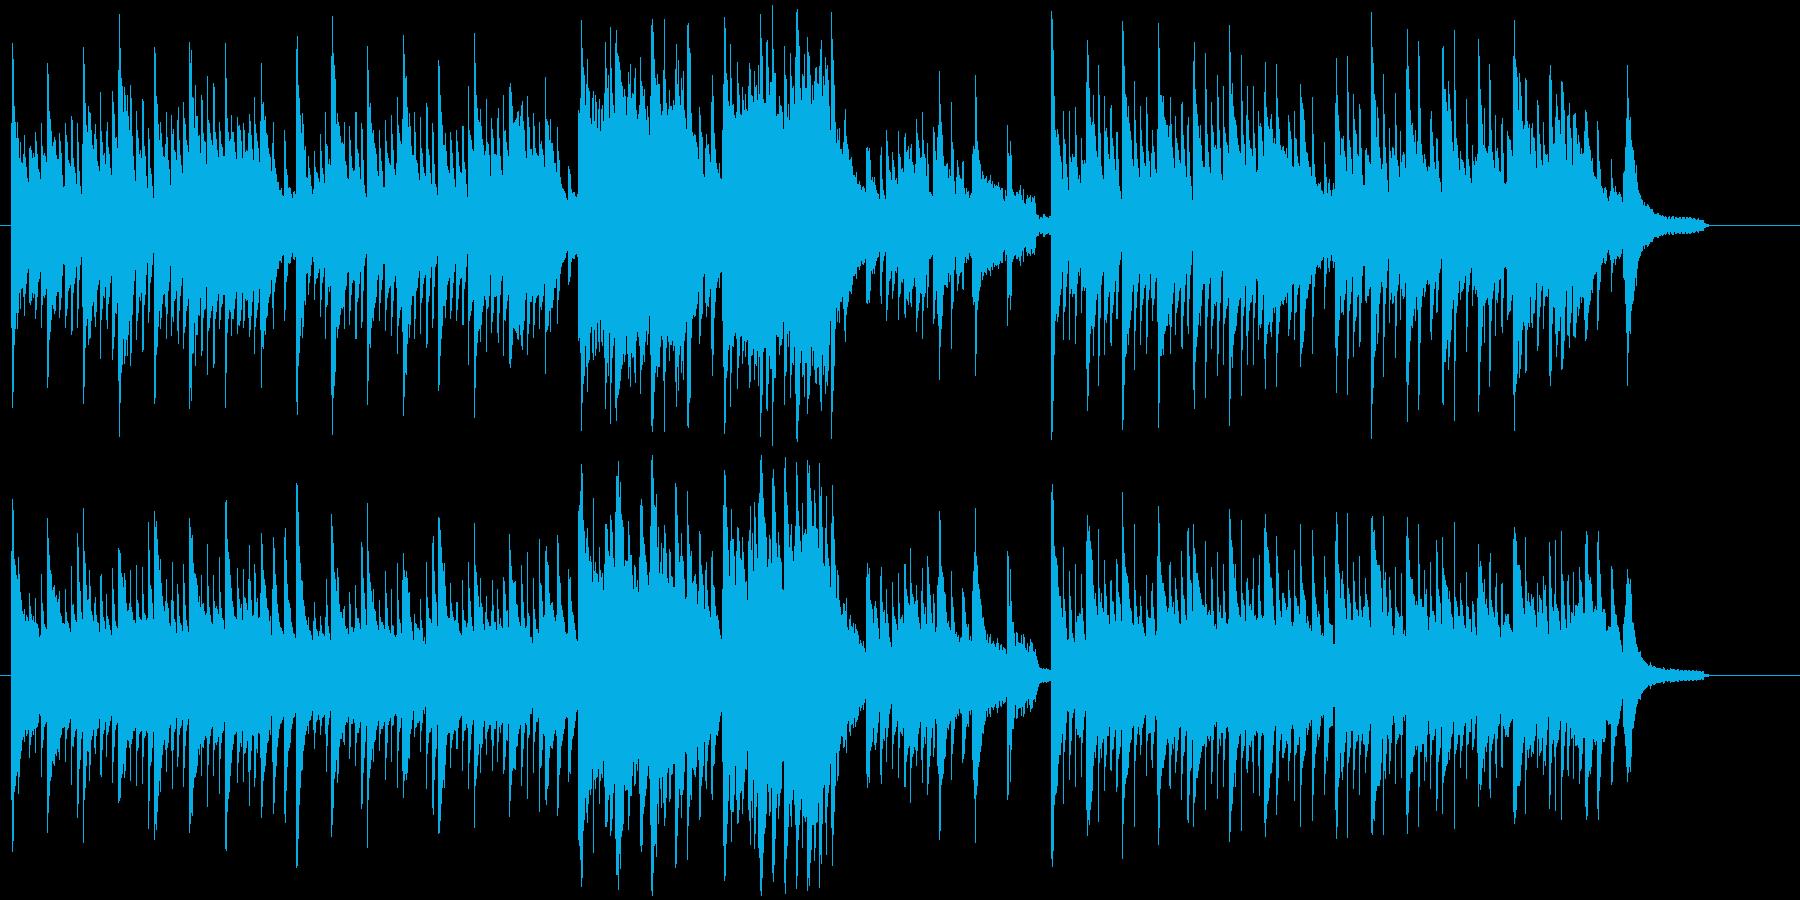 衝撃の事実 - 切なさと悲しみのピアノの再生済みの波形